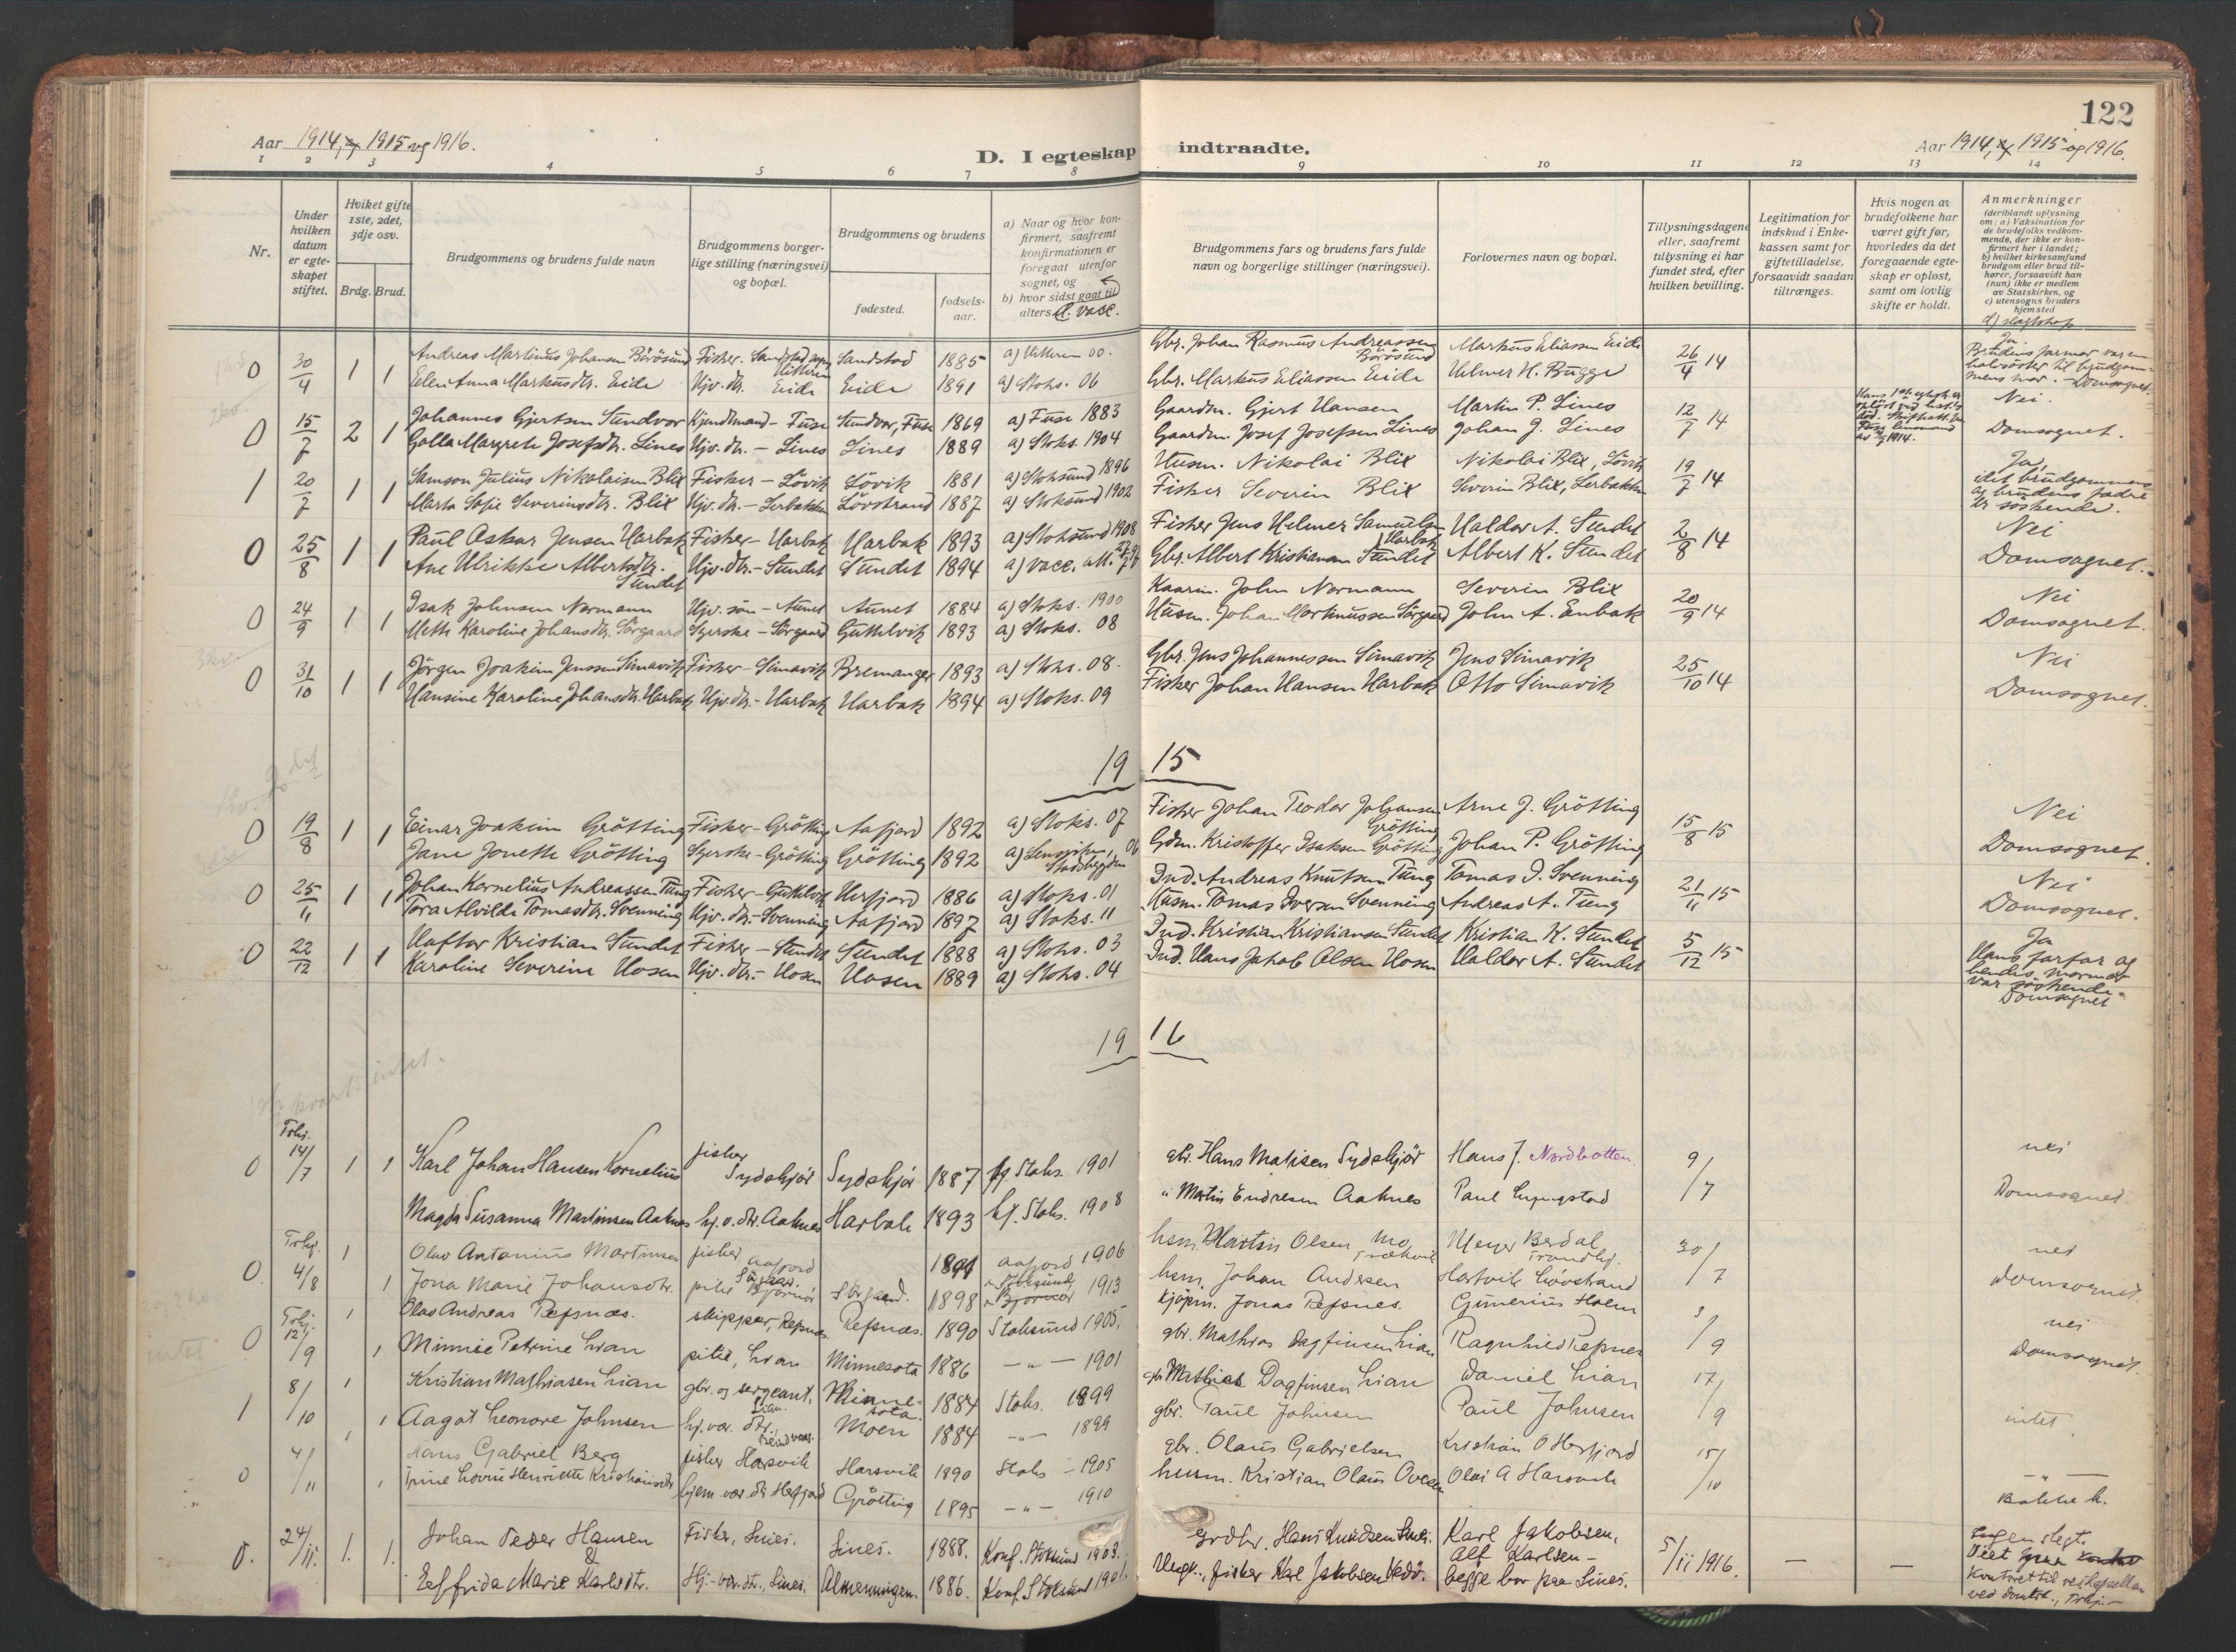 SAT, Ministerialprotokoller, klokkerbøker og fødselsregistre - Sør-Trøndelag, 656/L0694: Ministerialbok nr. 656A03, 1914-1931, s. 122